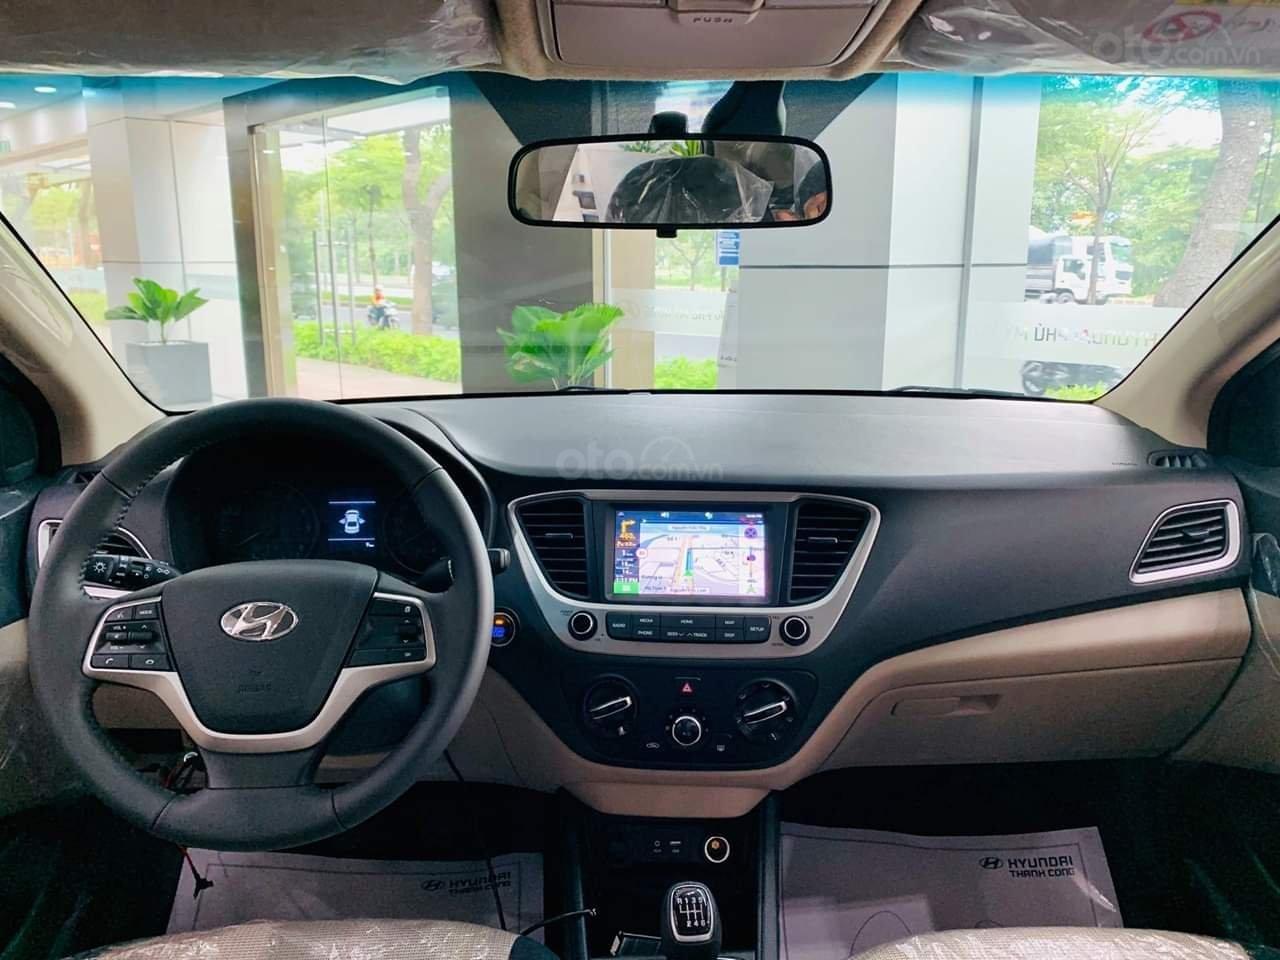 Bán Hyundai Accent tiêu chuẩn đỏ 2020, đủ mầu, tặng 10 - 15 triệu và nhiều ưu đãi (5)